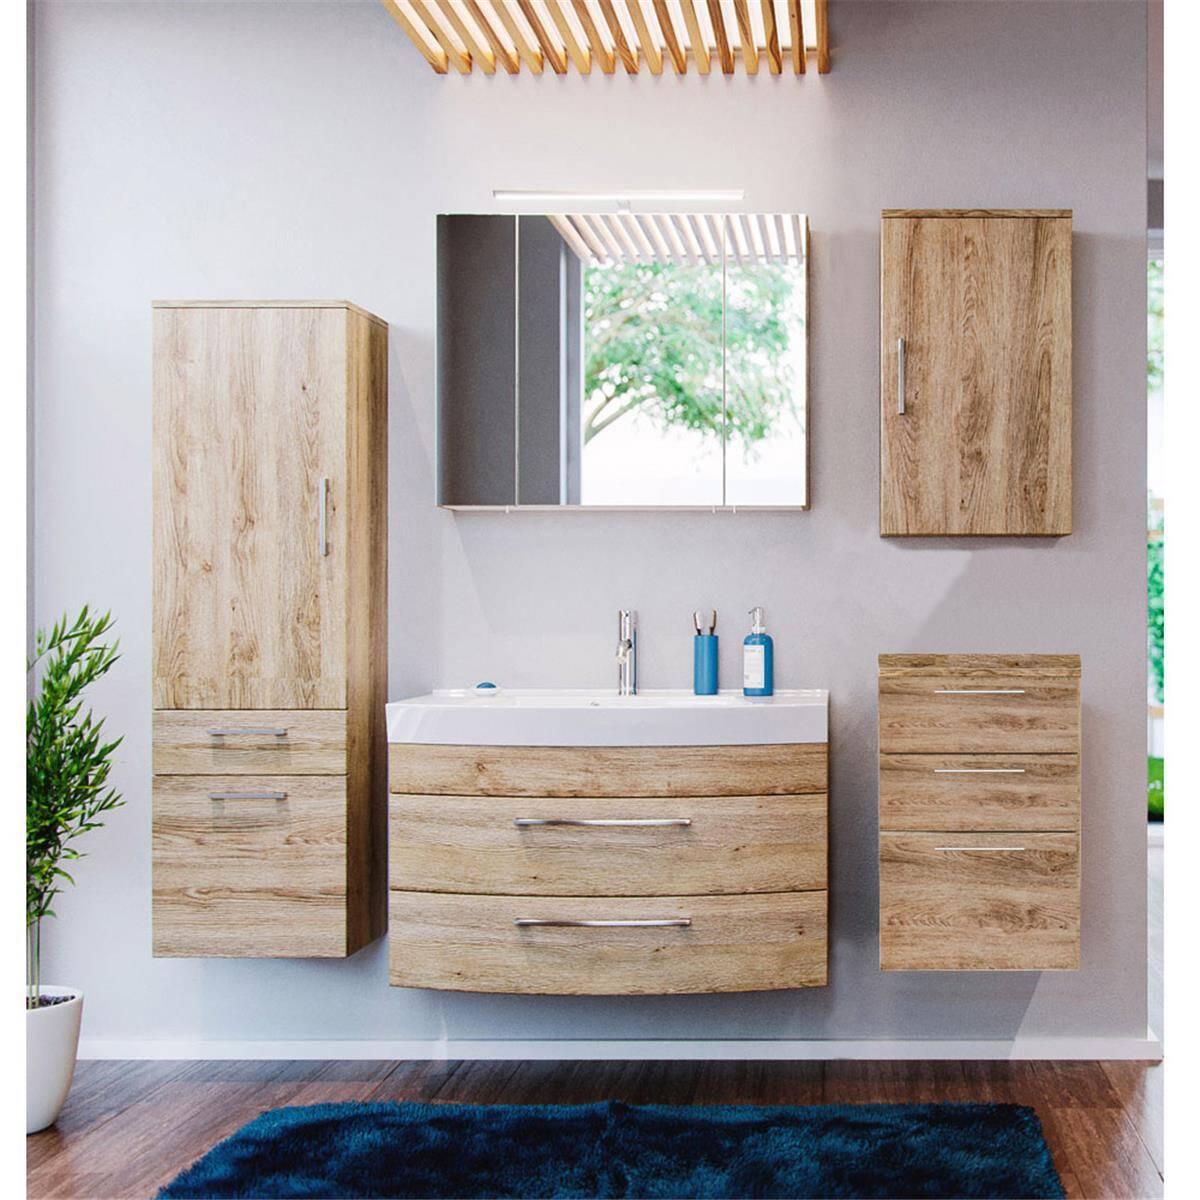 Badmöbel Set RIMAO-02 Eiche Sonoma, 80cm Waschtisch & LED Spiegelschrank, B x H x T: ca. 202 x 190 x 48,5 cm